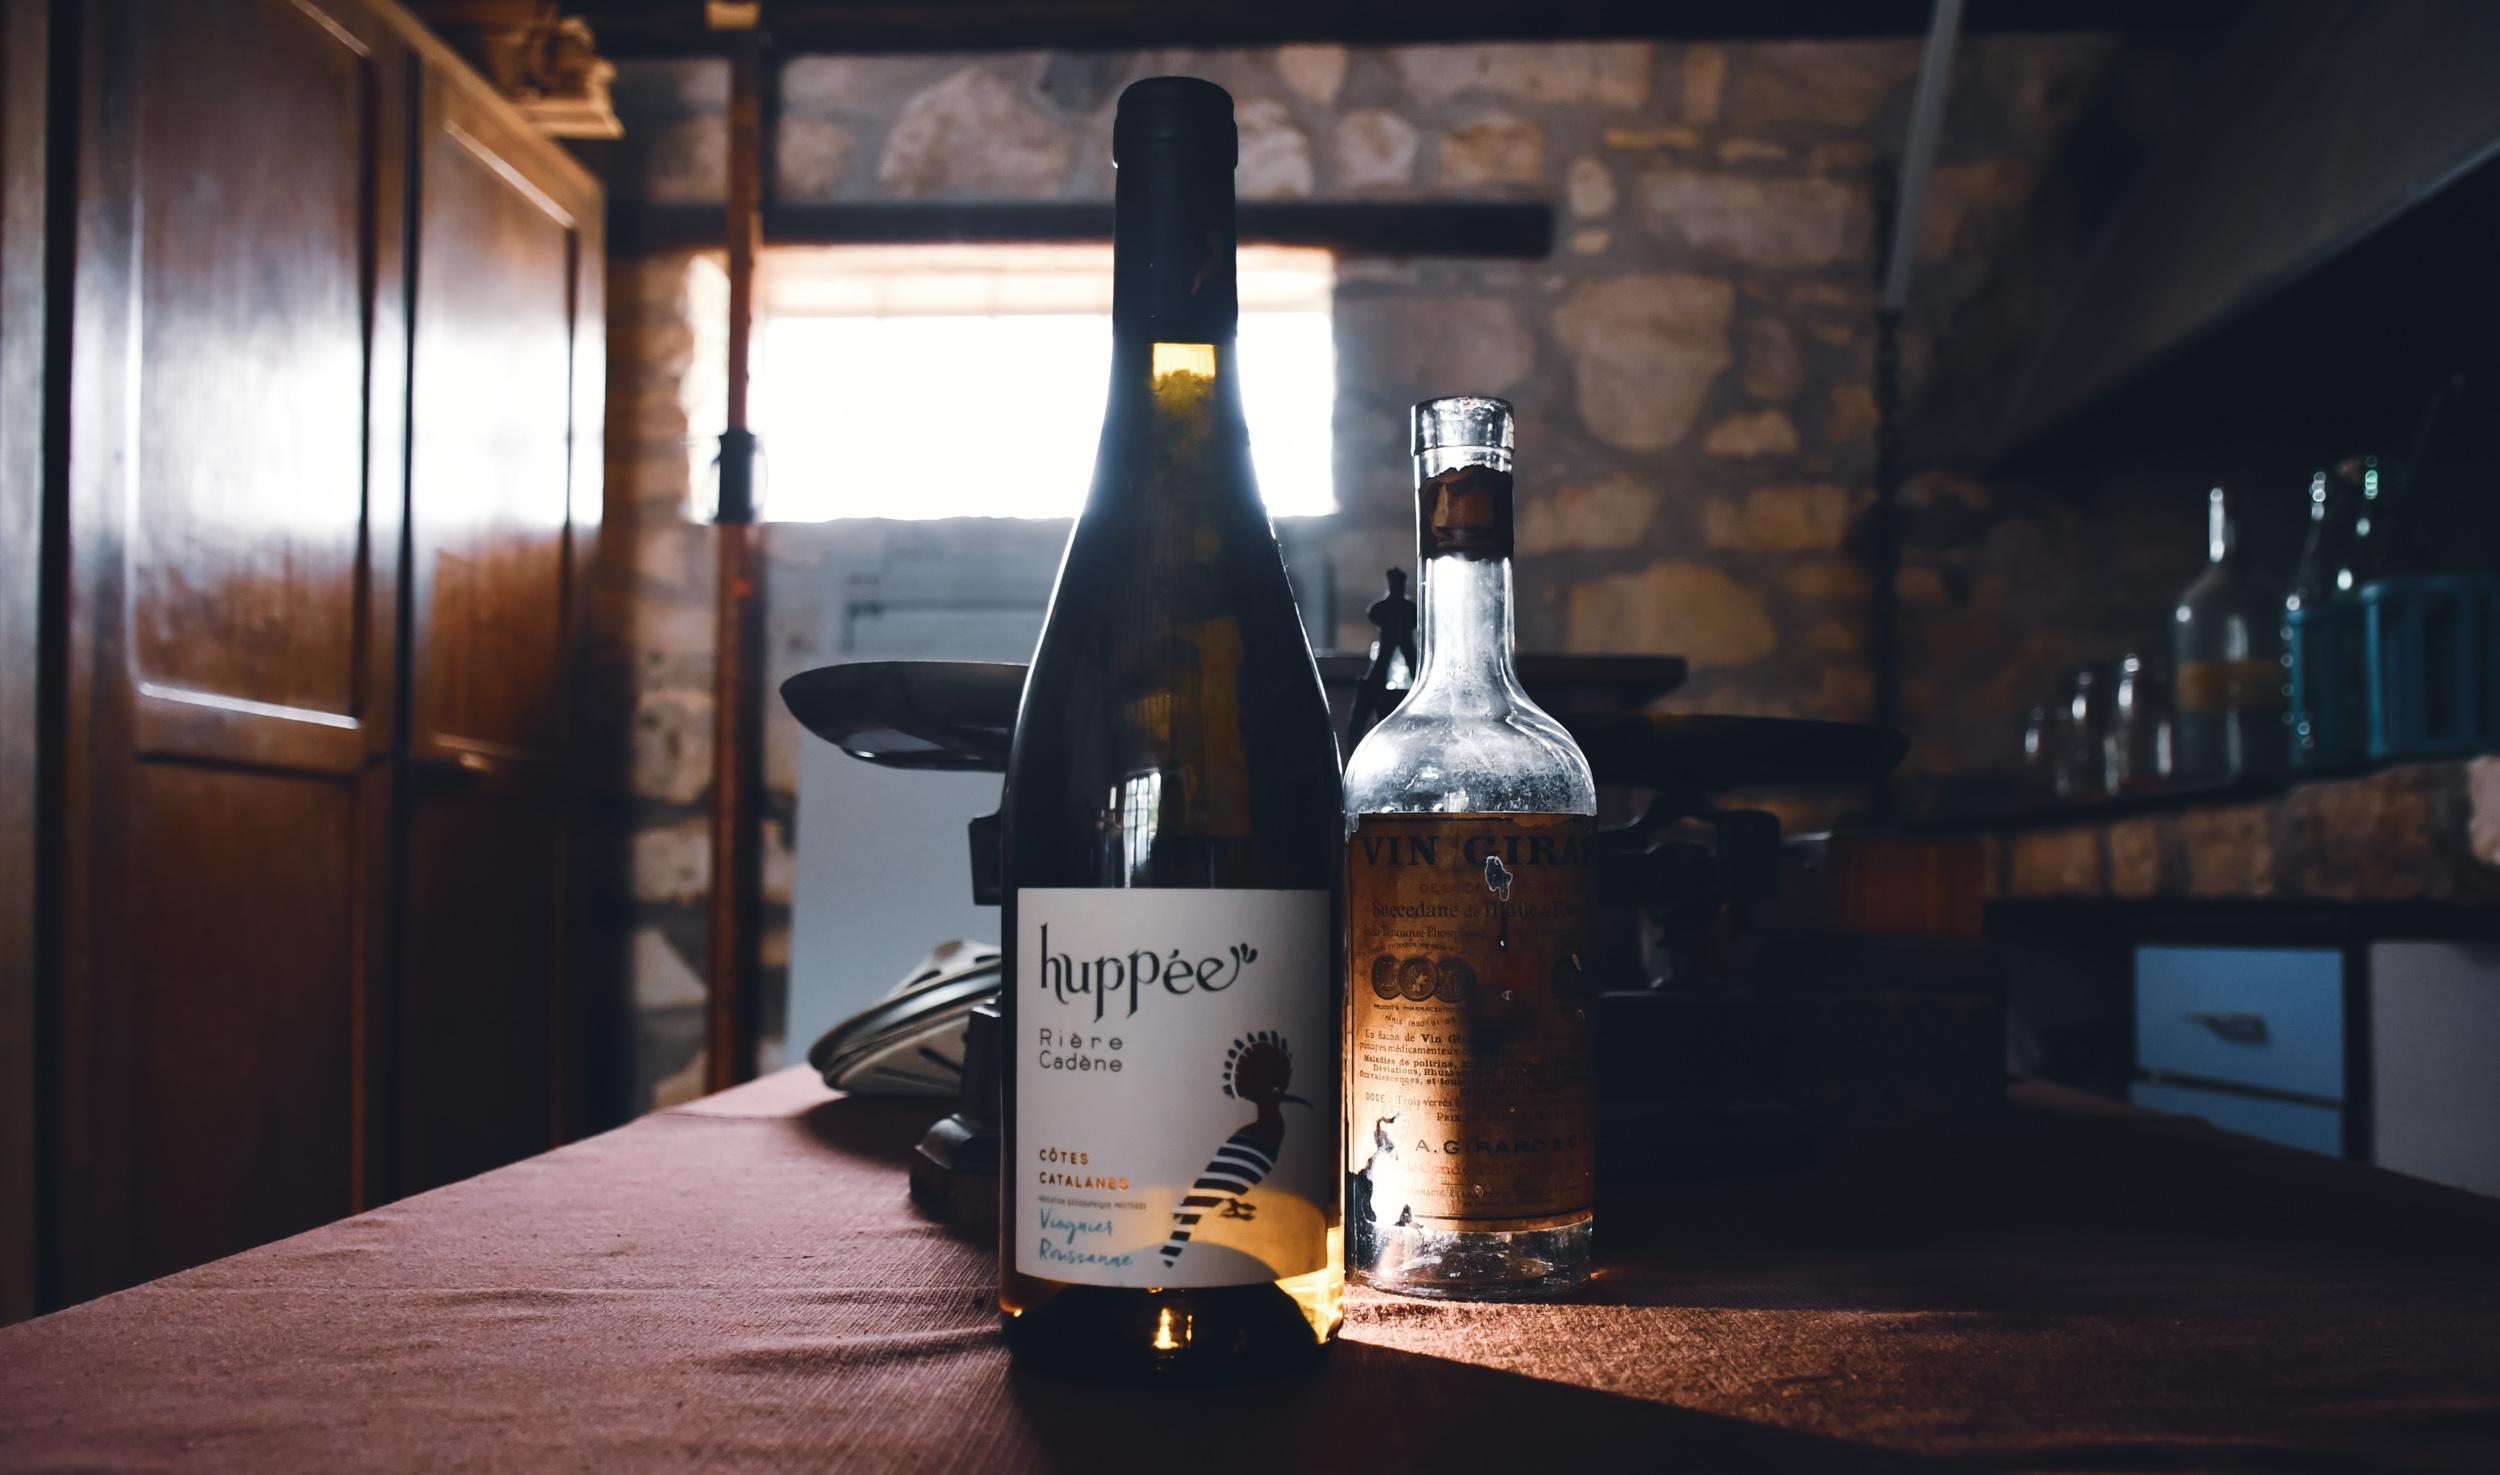 Côtes catalanes - Huppée Domaine Rière-Cadène blanc